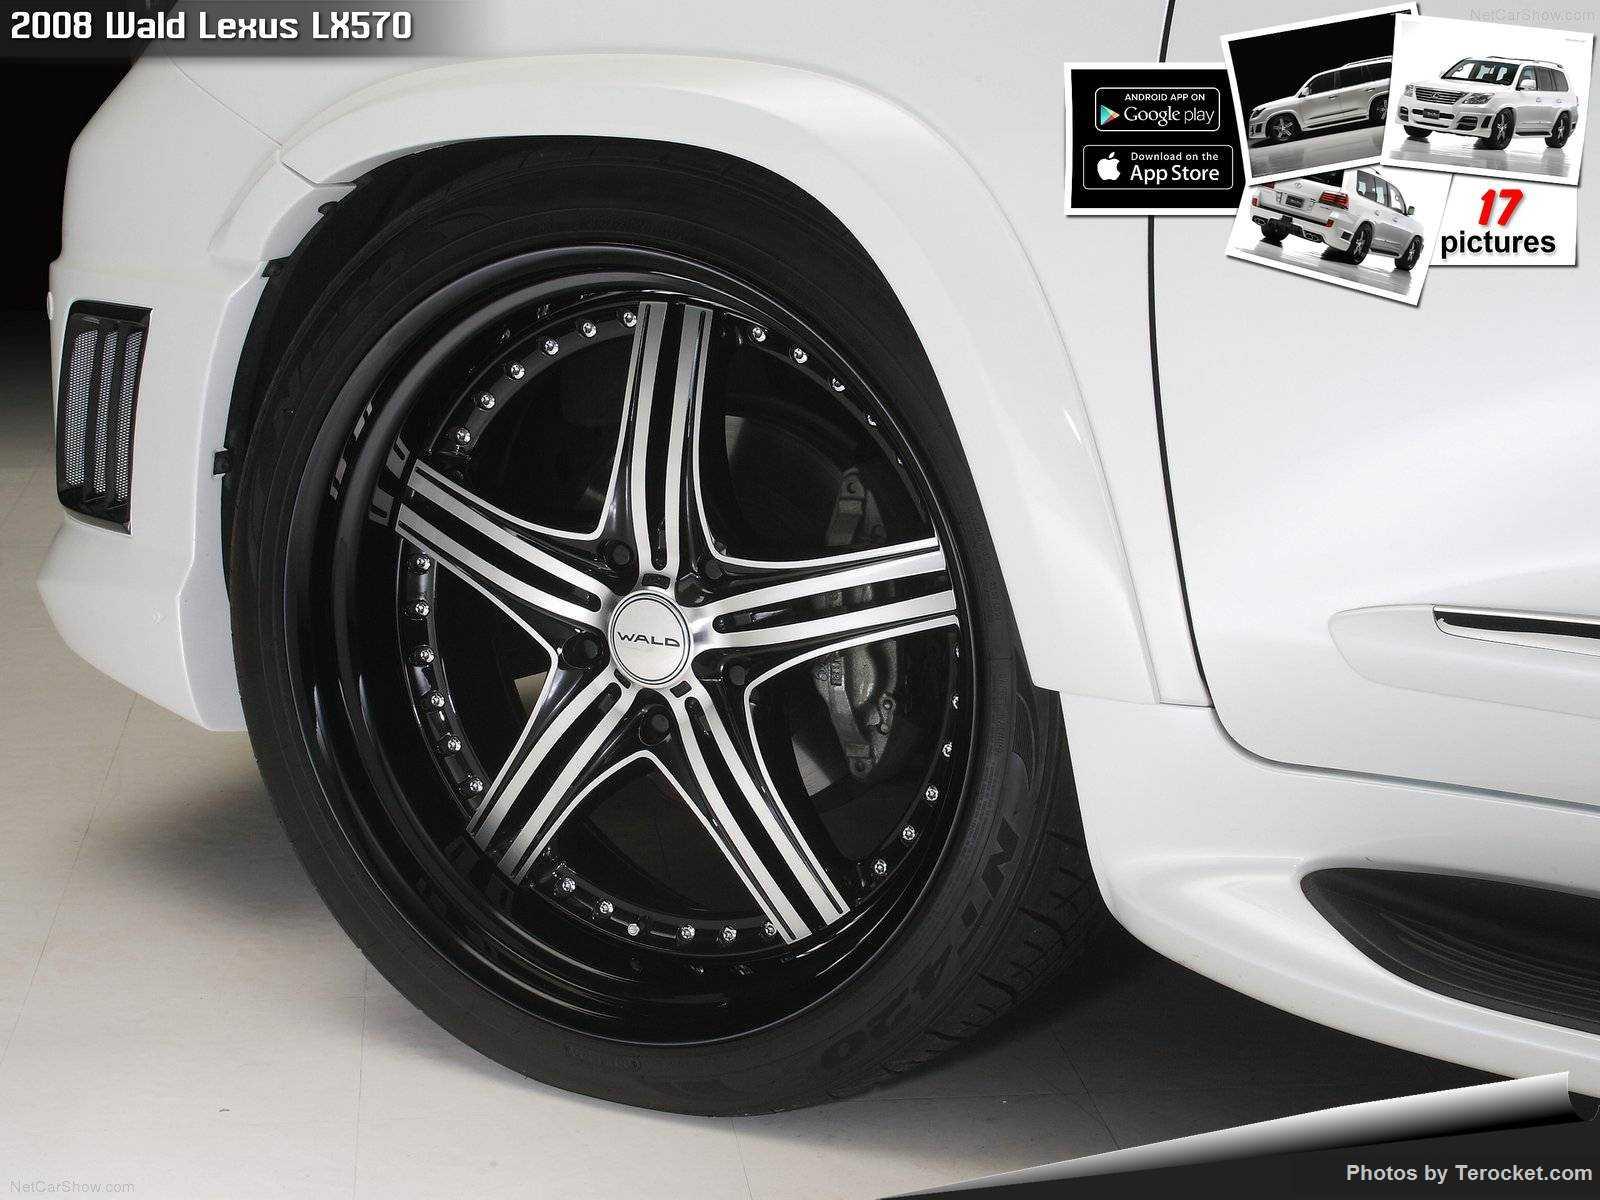 Hình ảnh xe độ Wald Lexus LX570 2008 & nội ngoại thất